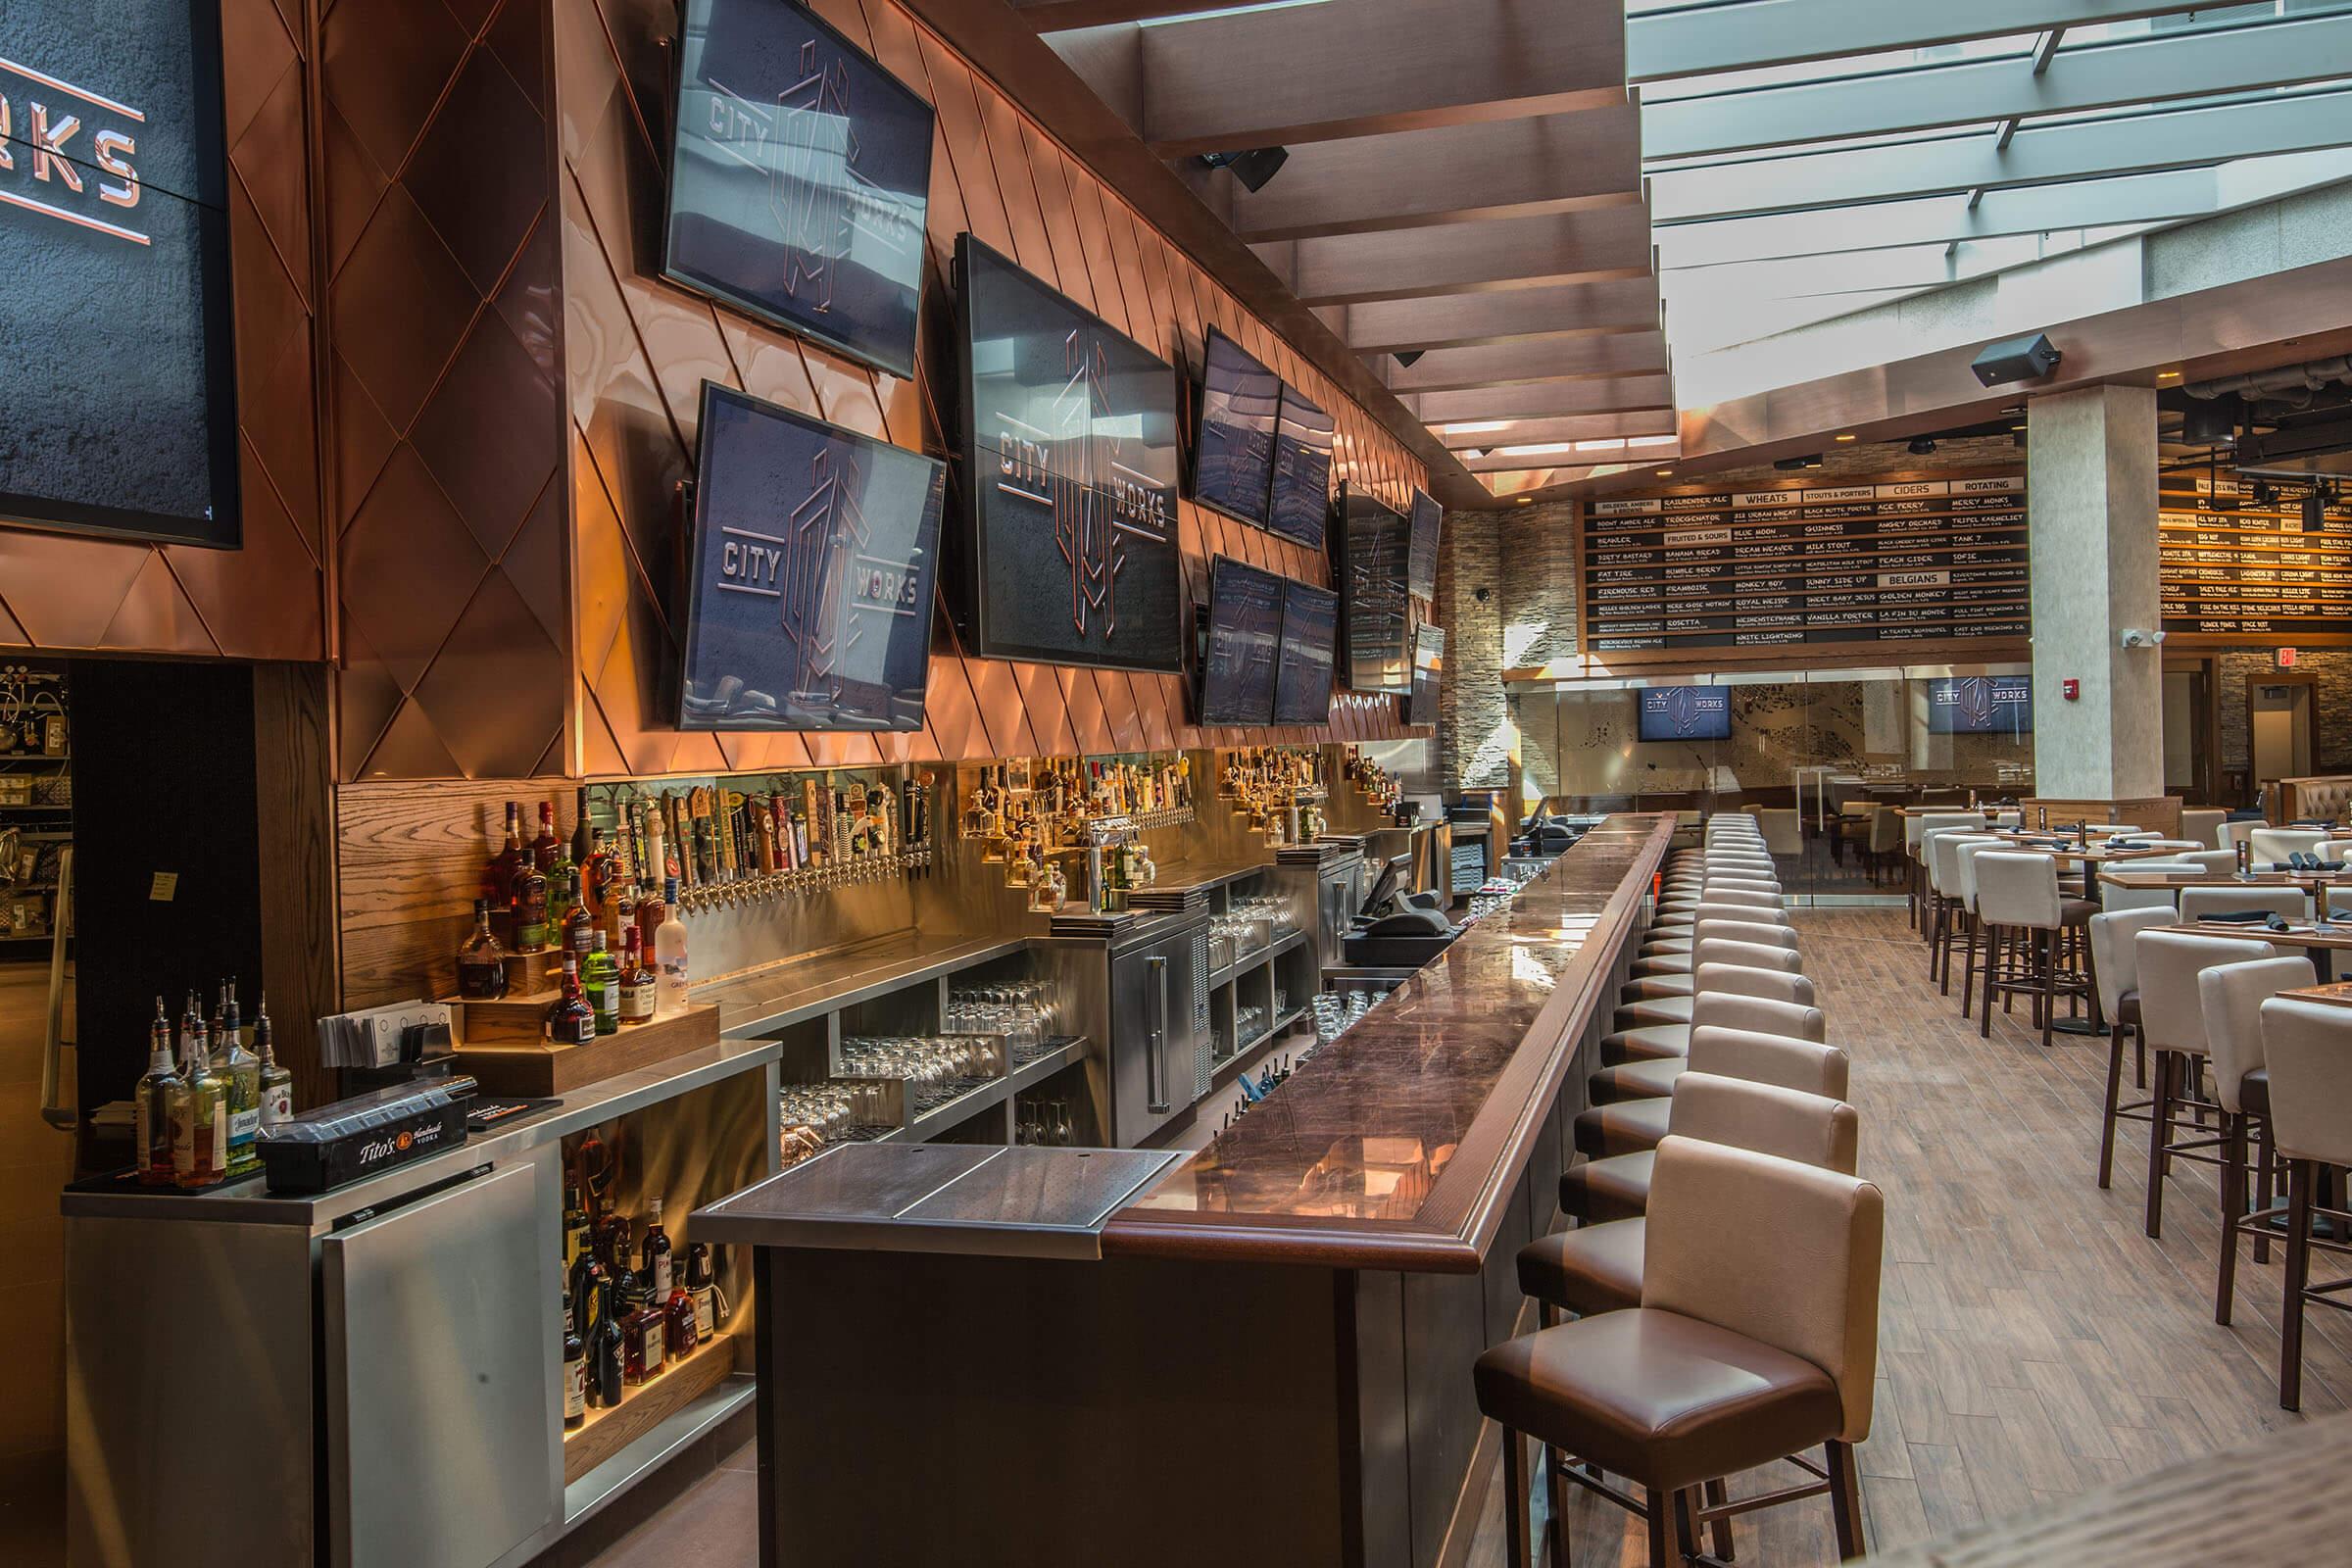 Restaurante City Works Eatery & Pour House em Disney Springs Orlando